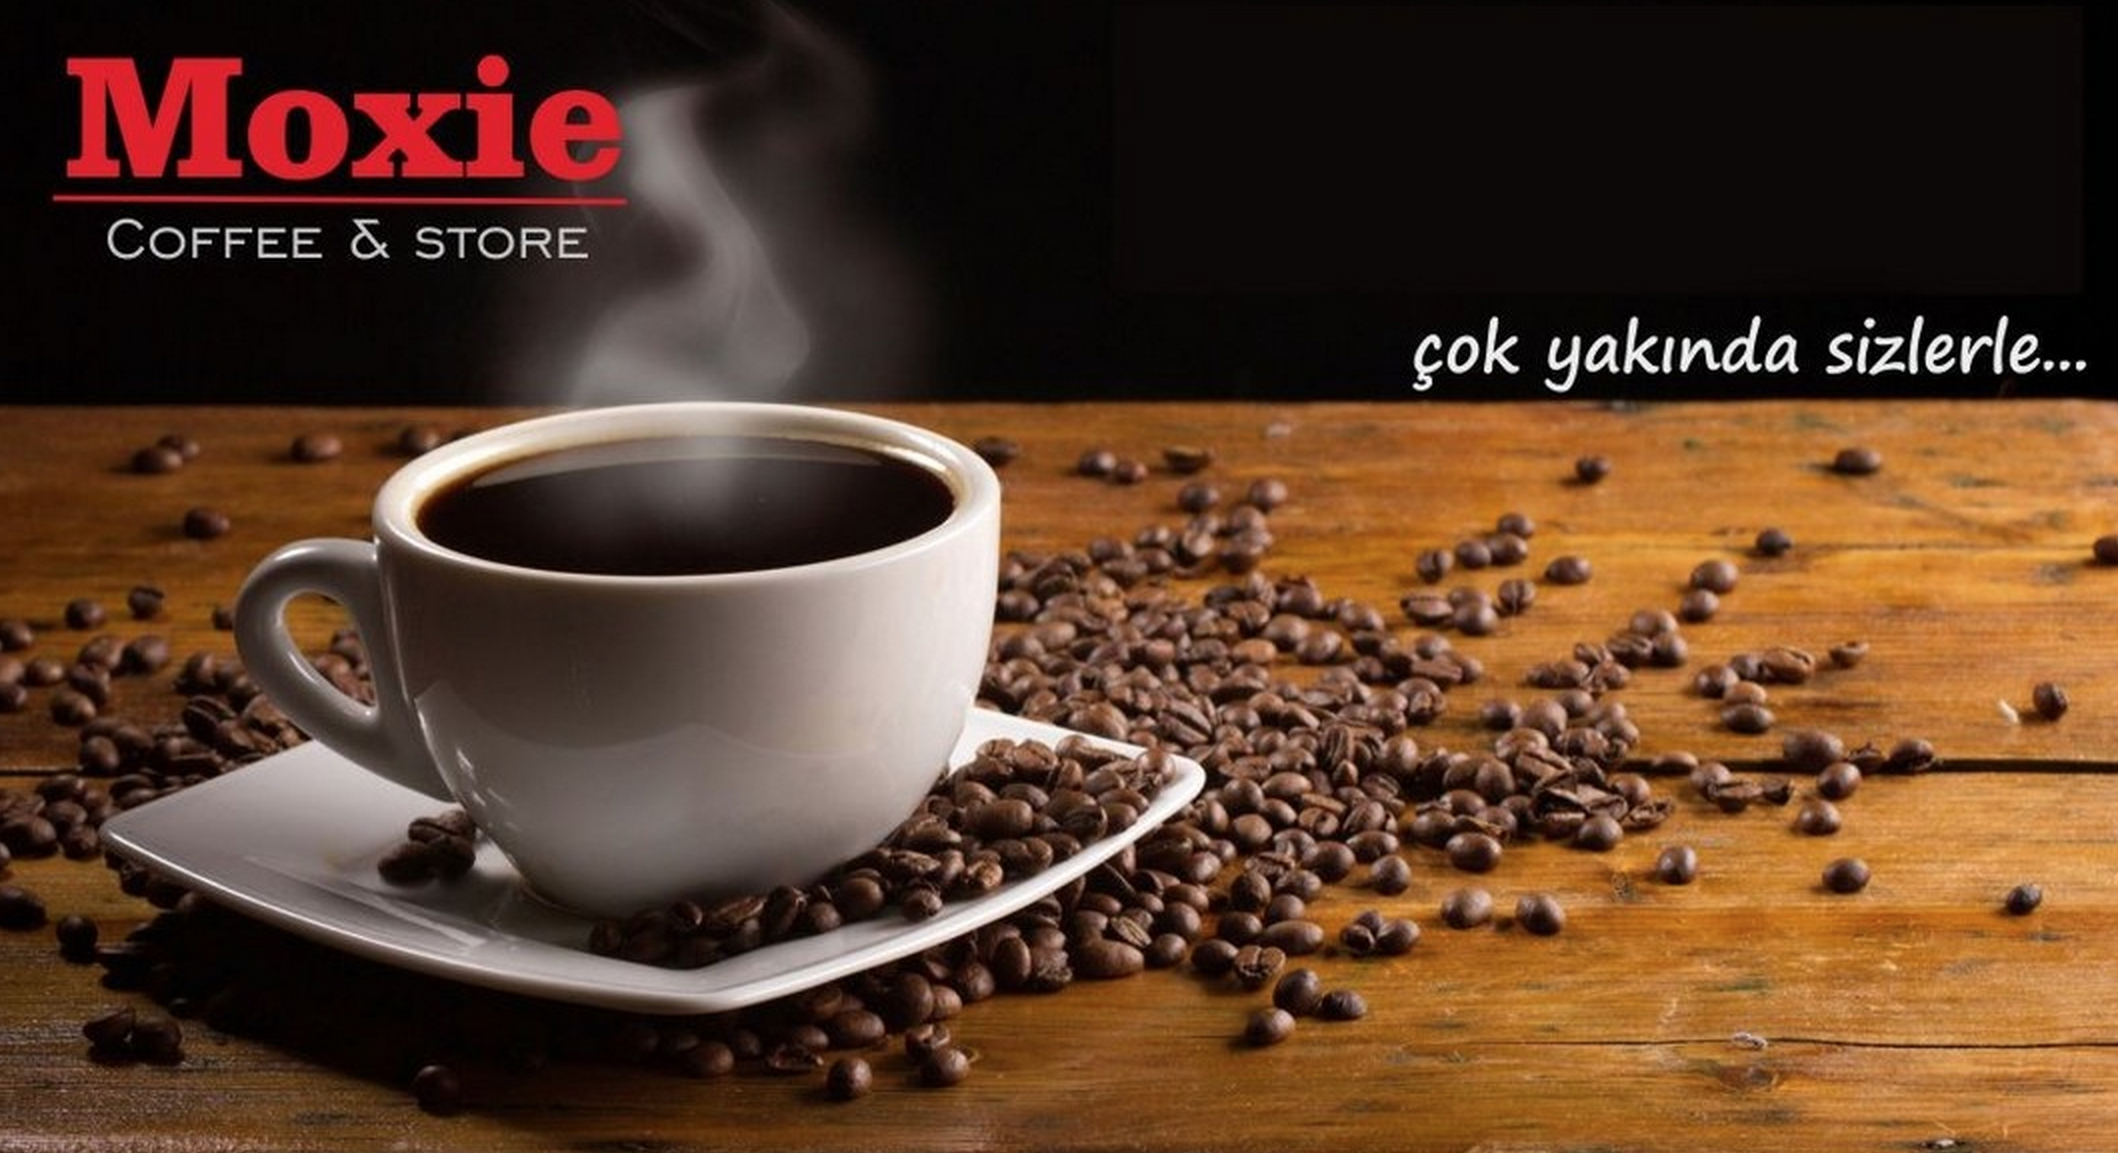 Moxie Coffee & Store Bayilik ve Bayilik Şartları